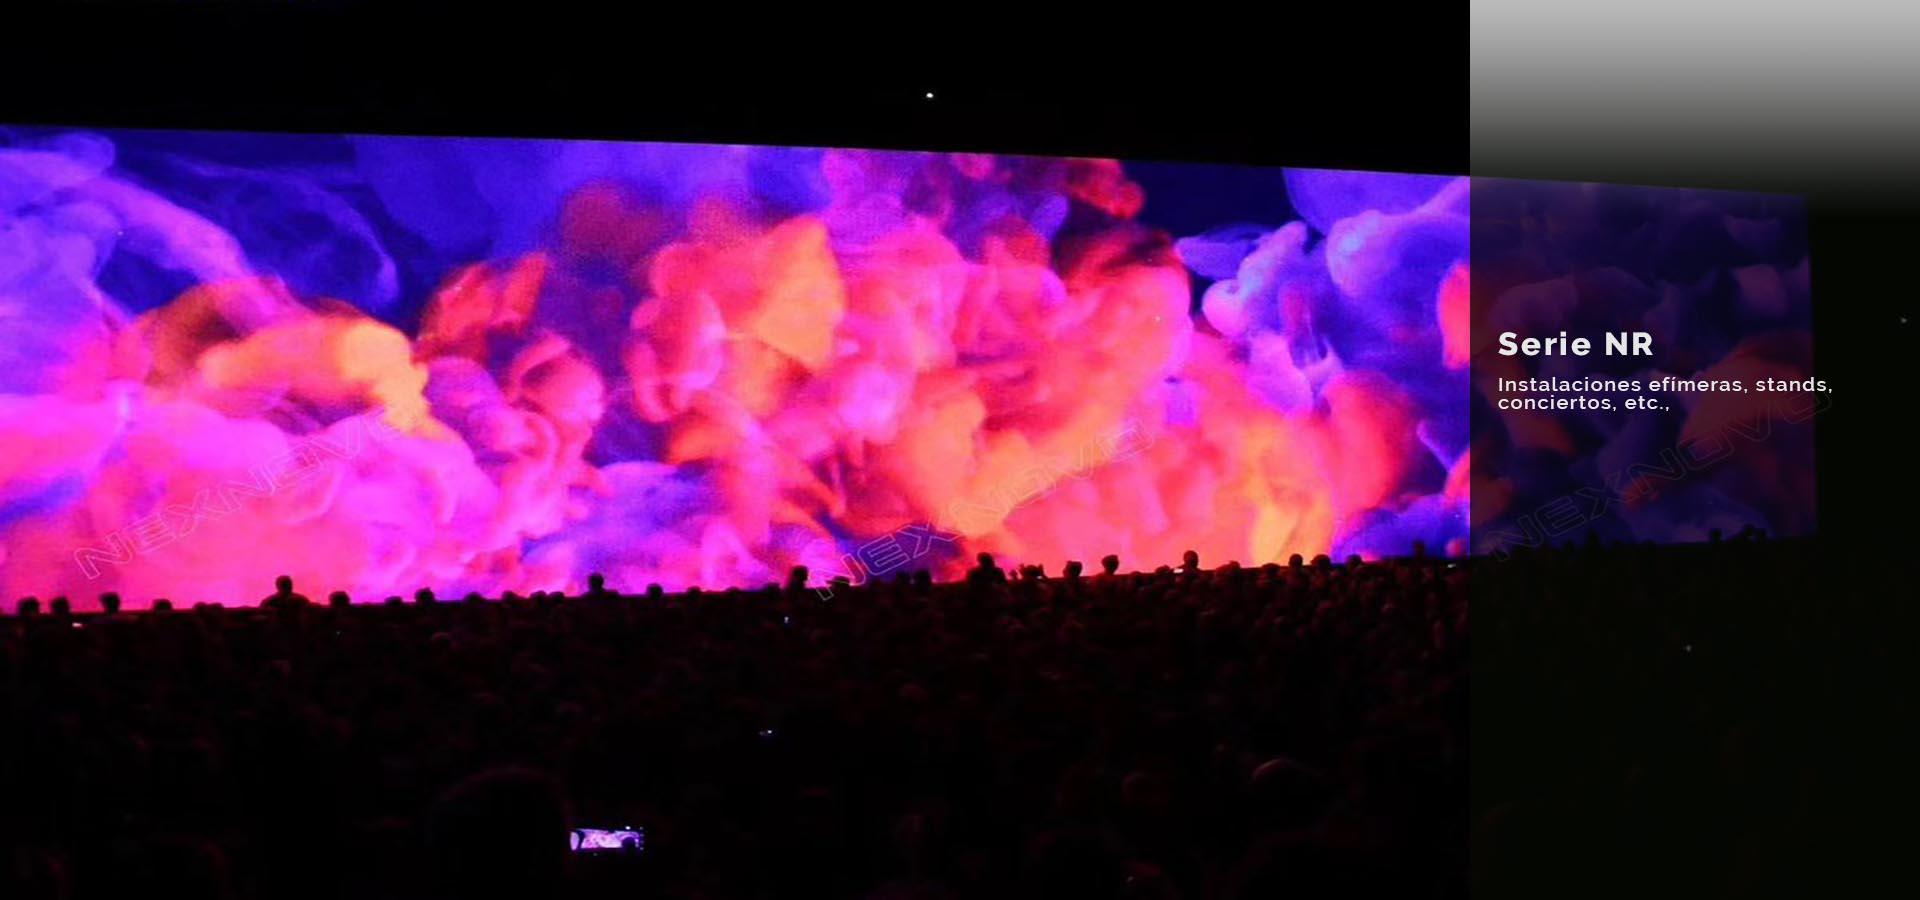 U2 LED Transparente NEXNOVO